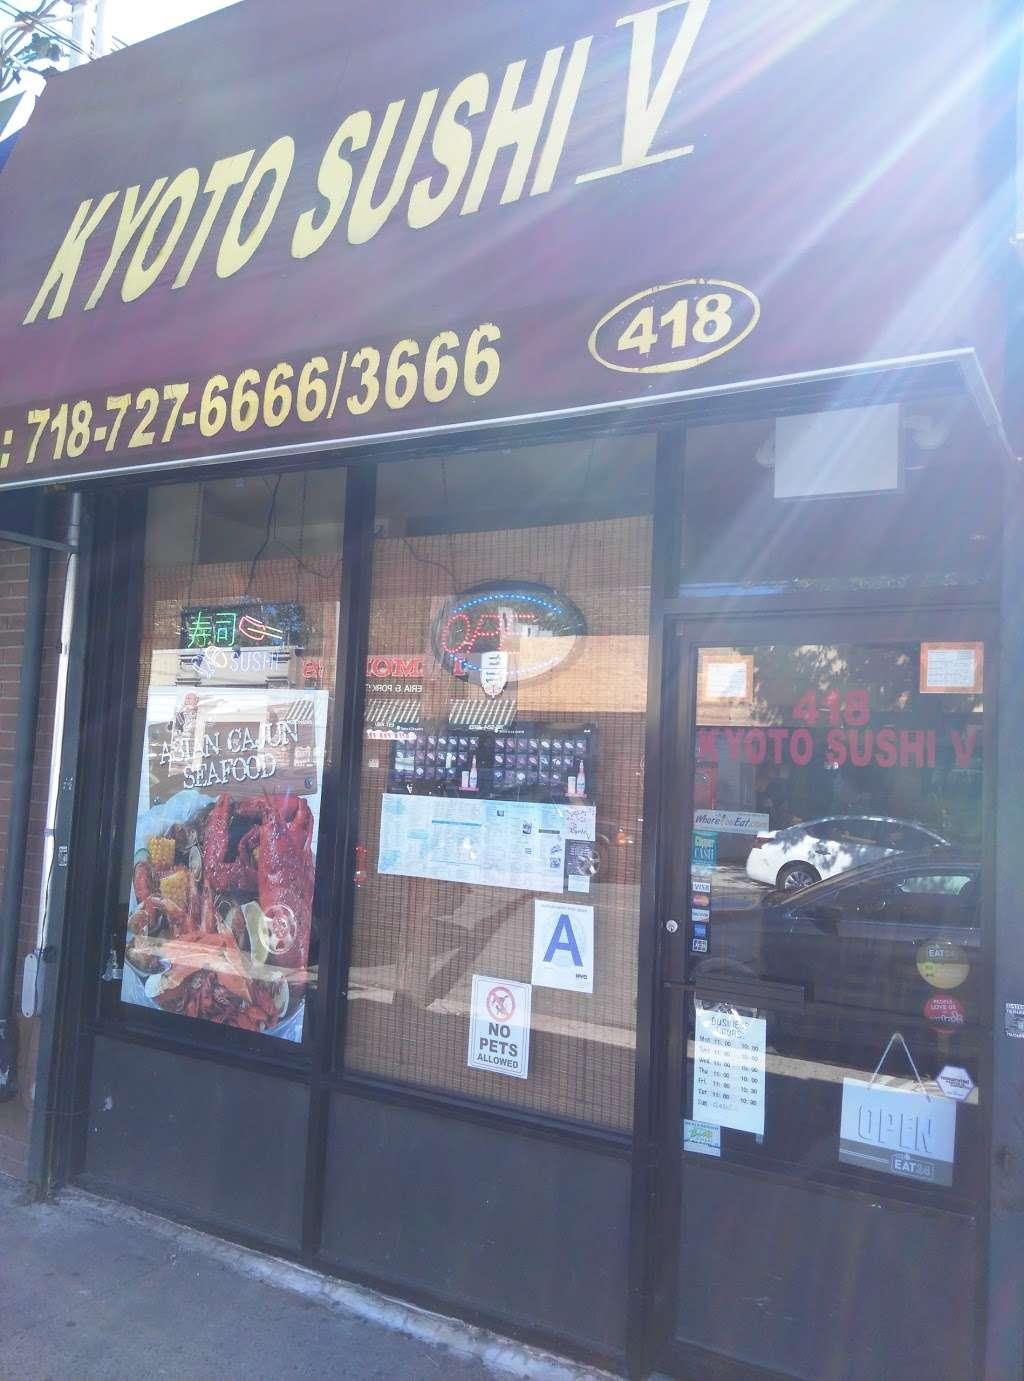 Kyoto Sushi V - restaurant    Photo 6 of 6   Address: 418 Forest Ave, Staten Island, NY 10301, USA   Phone: (718) 727-6666